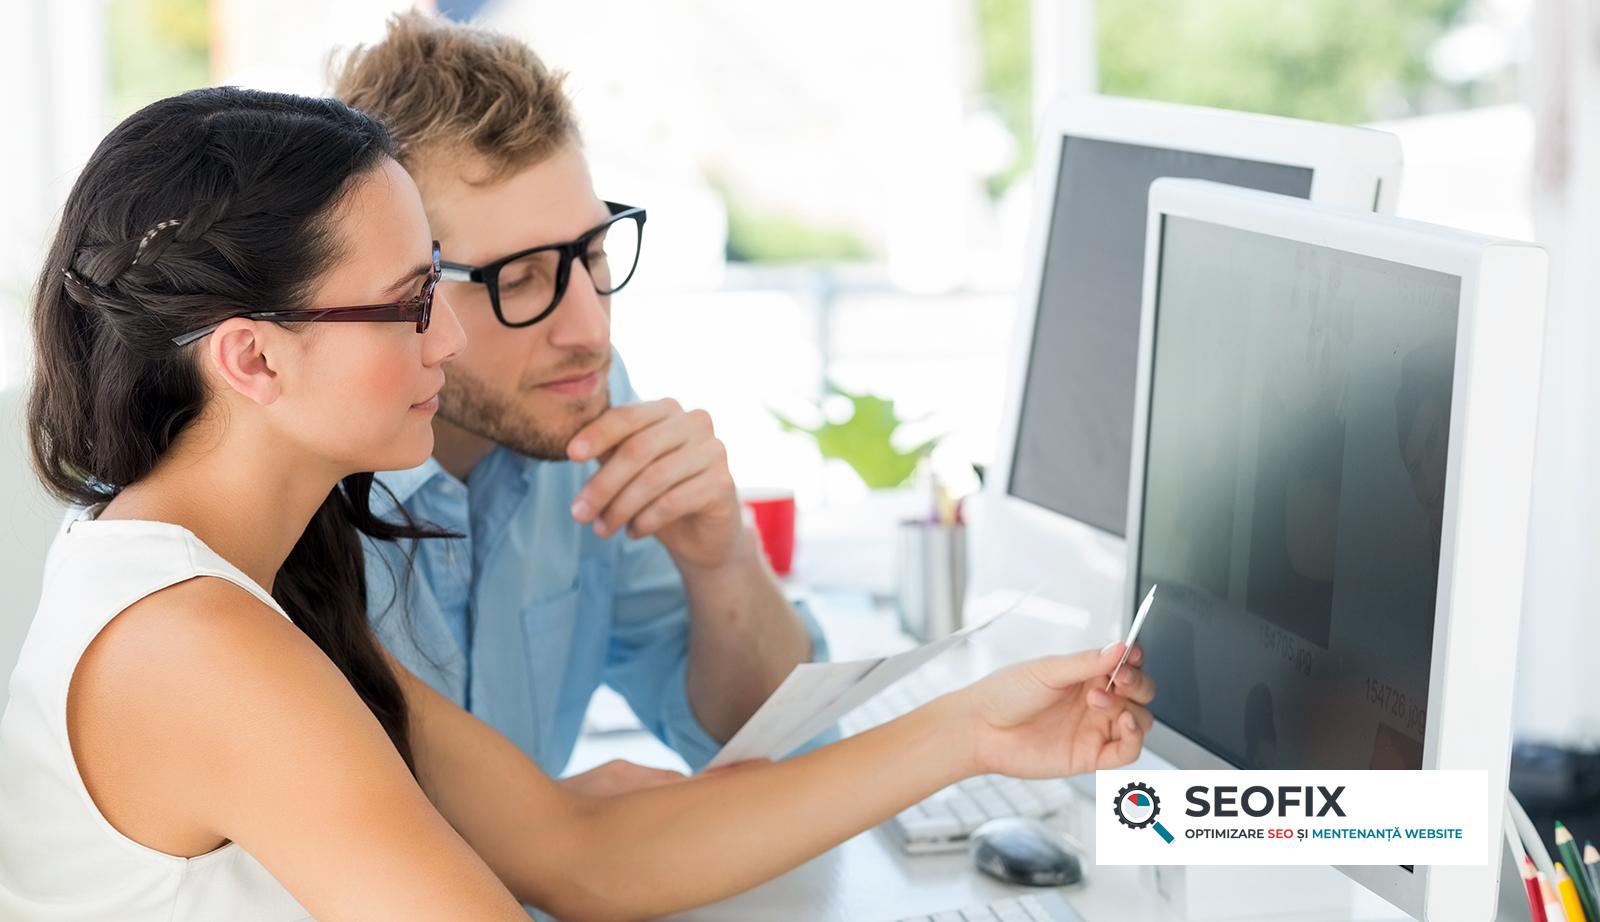 Abilități digitale, de ce aveți nevoie pentru o carieră în online